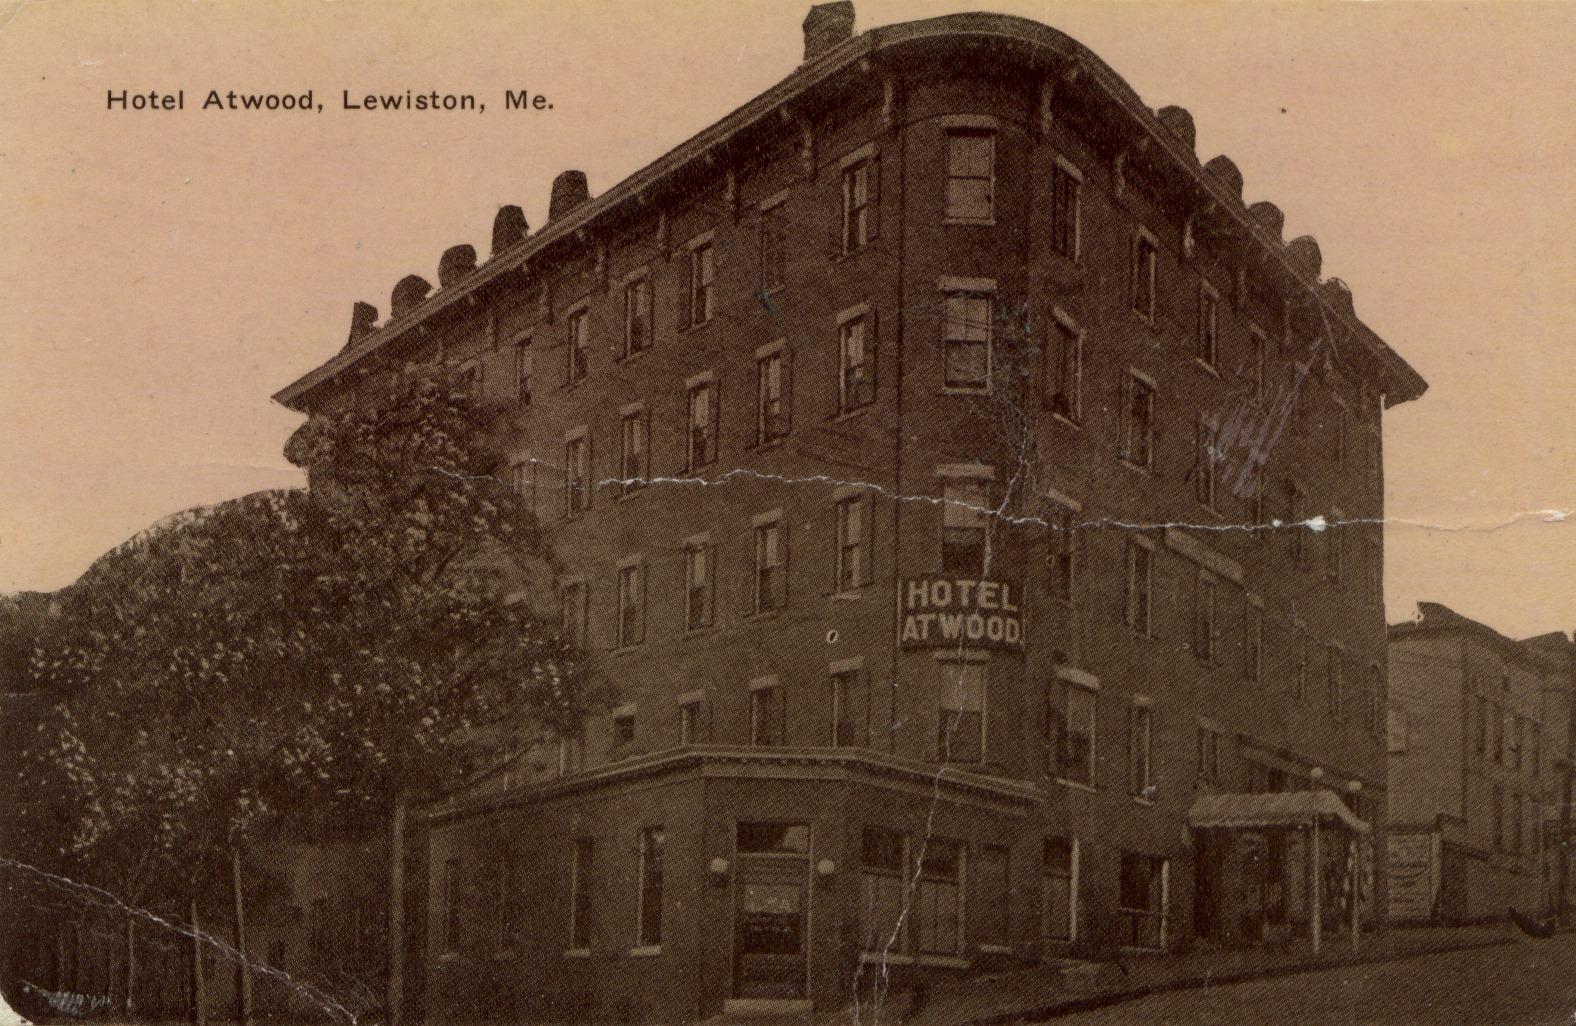 065 Atwood Hotel Lewiston